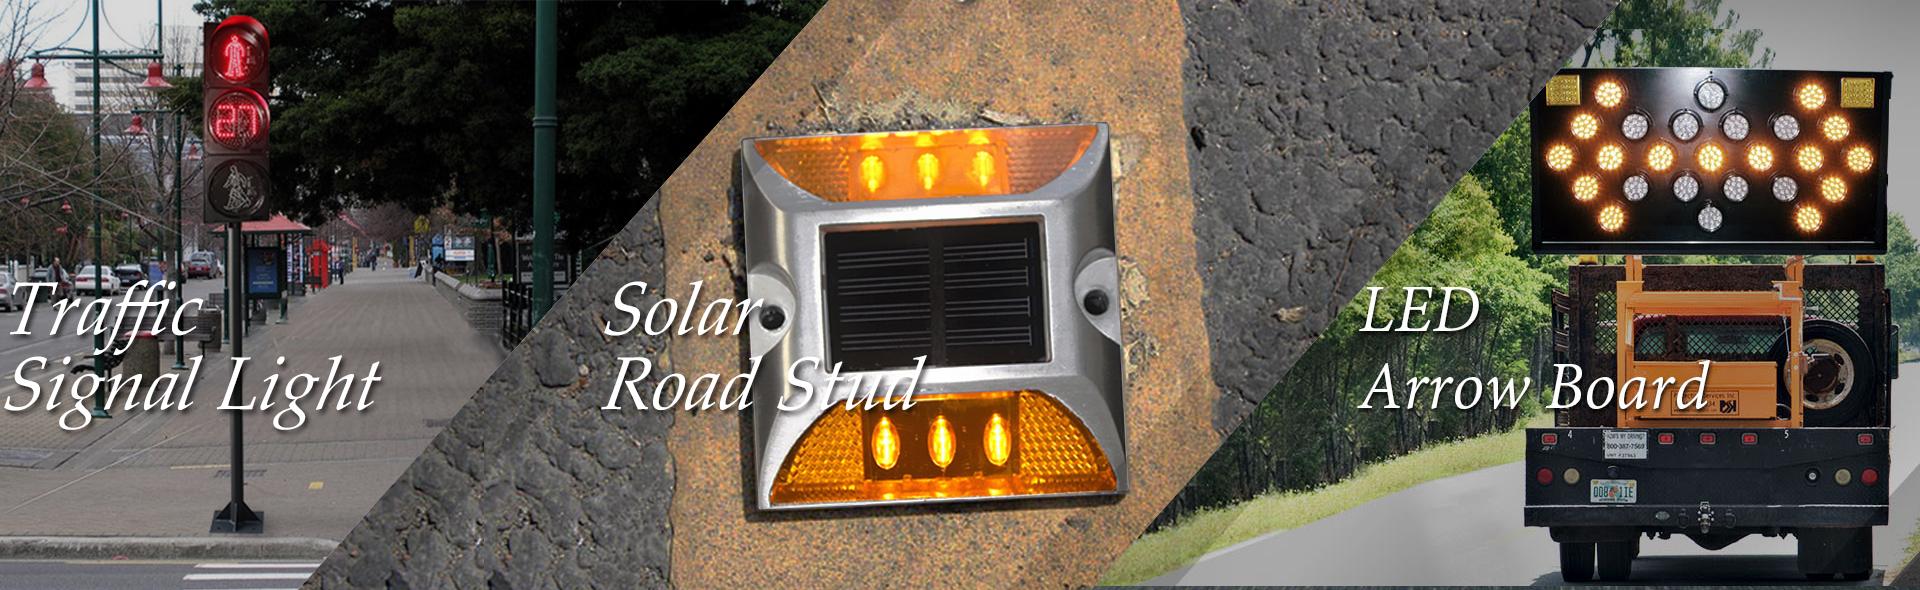 Traffic Signal 4700313